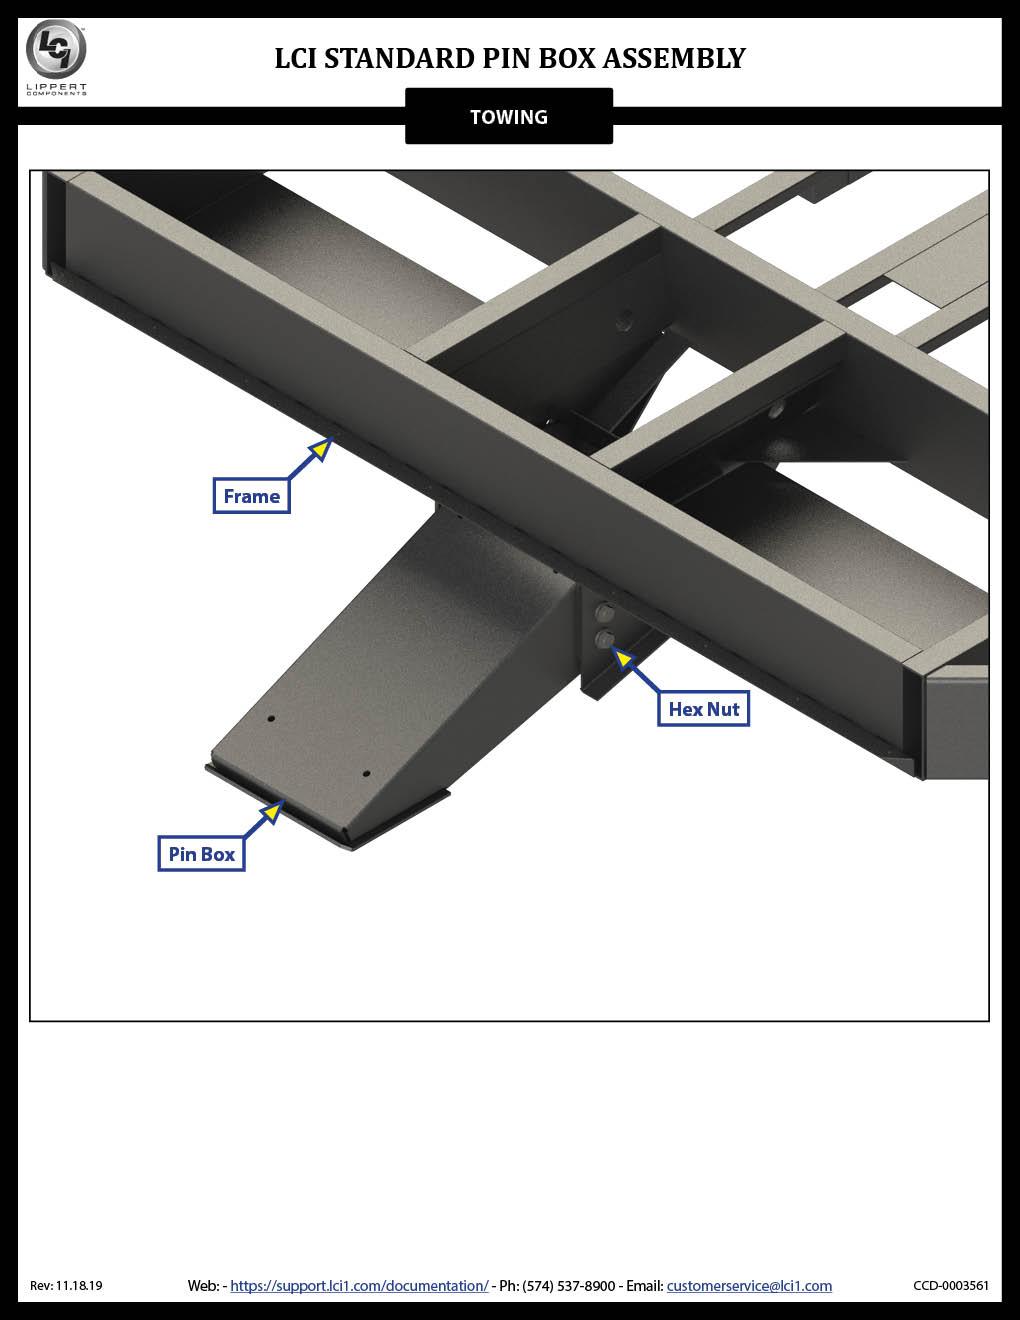 Standard Pin Box Assembly